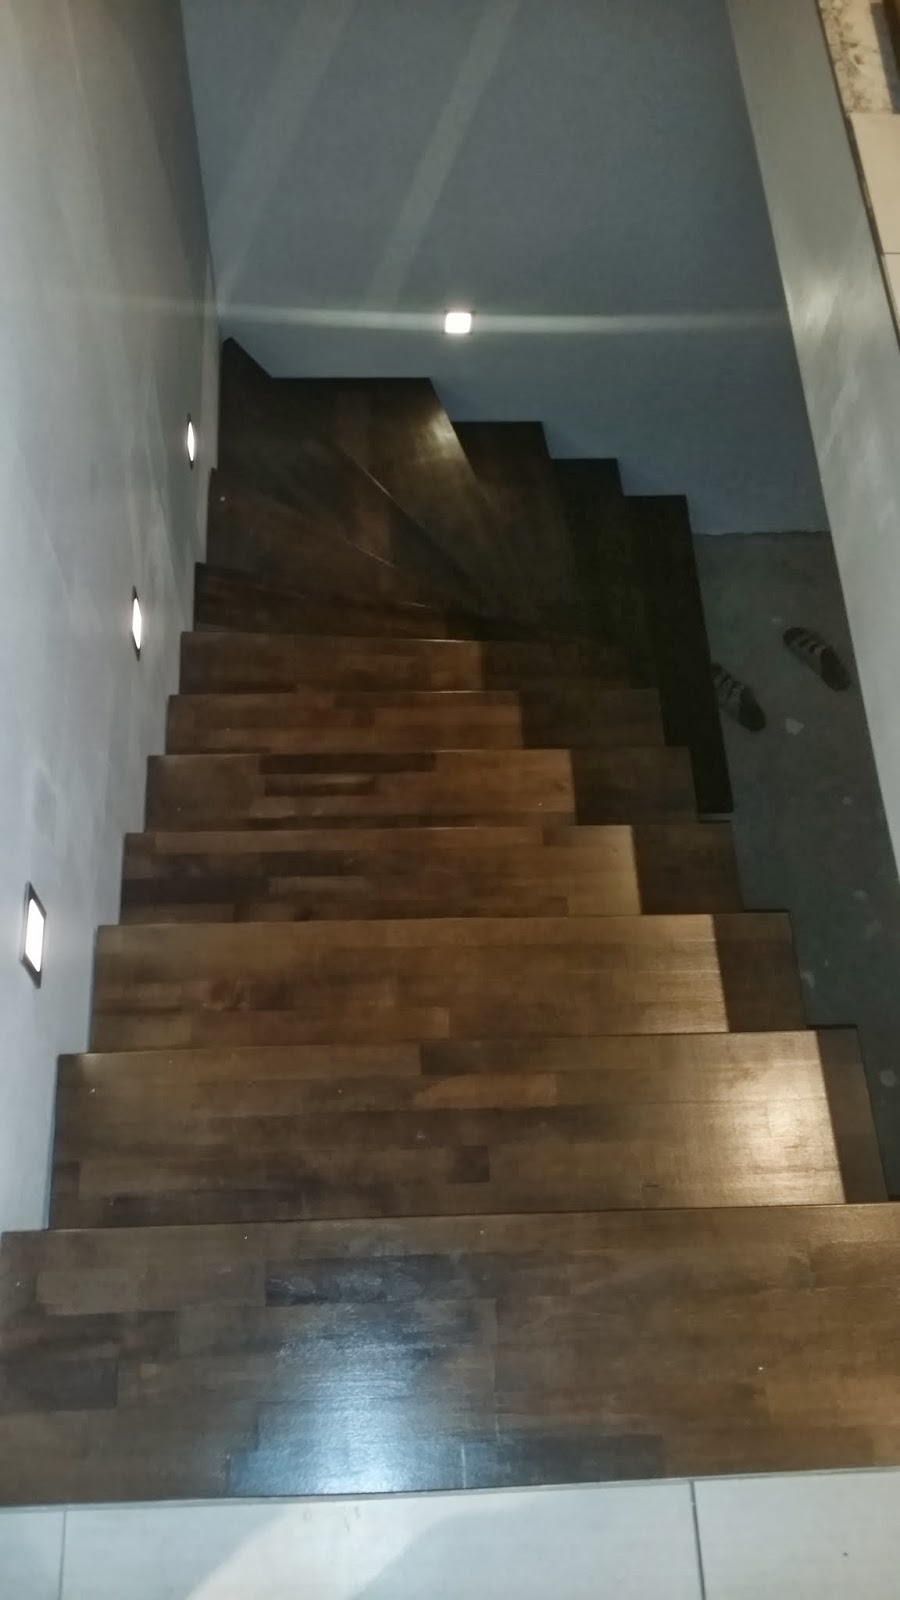 keksdose wir bauen ein pro haus ausbau der kellertreppe. Black Bedroom Furniture Sets. Home Design Ideas